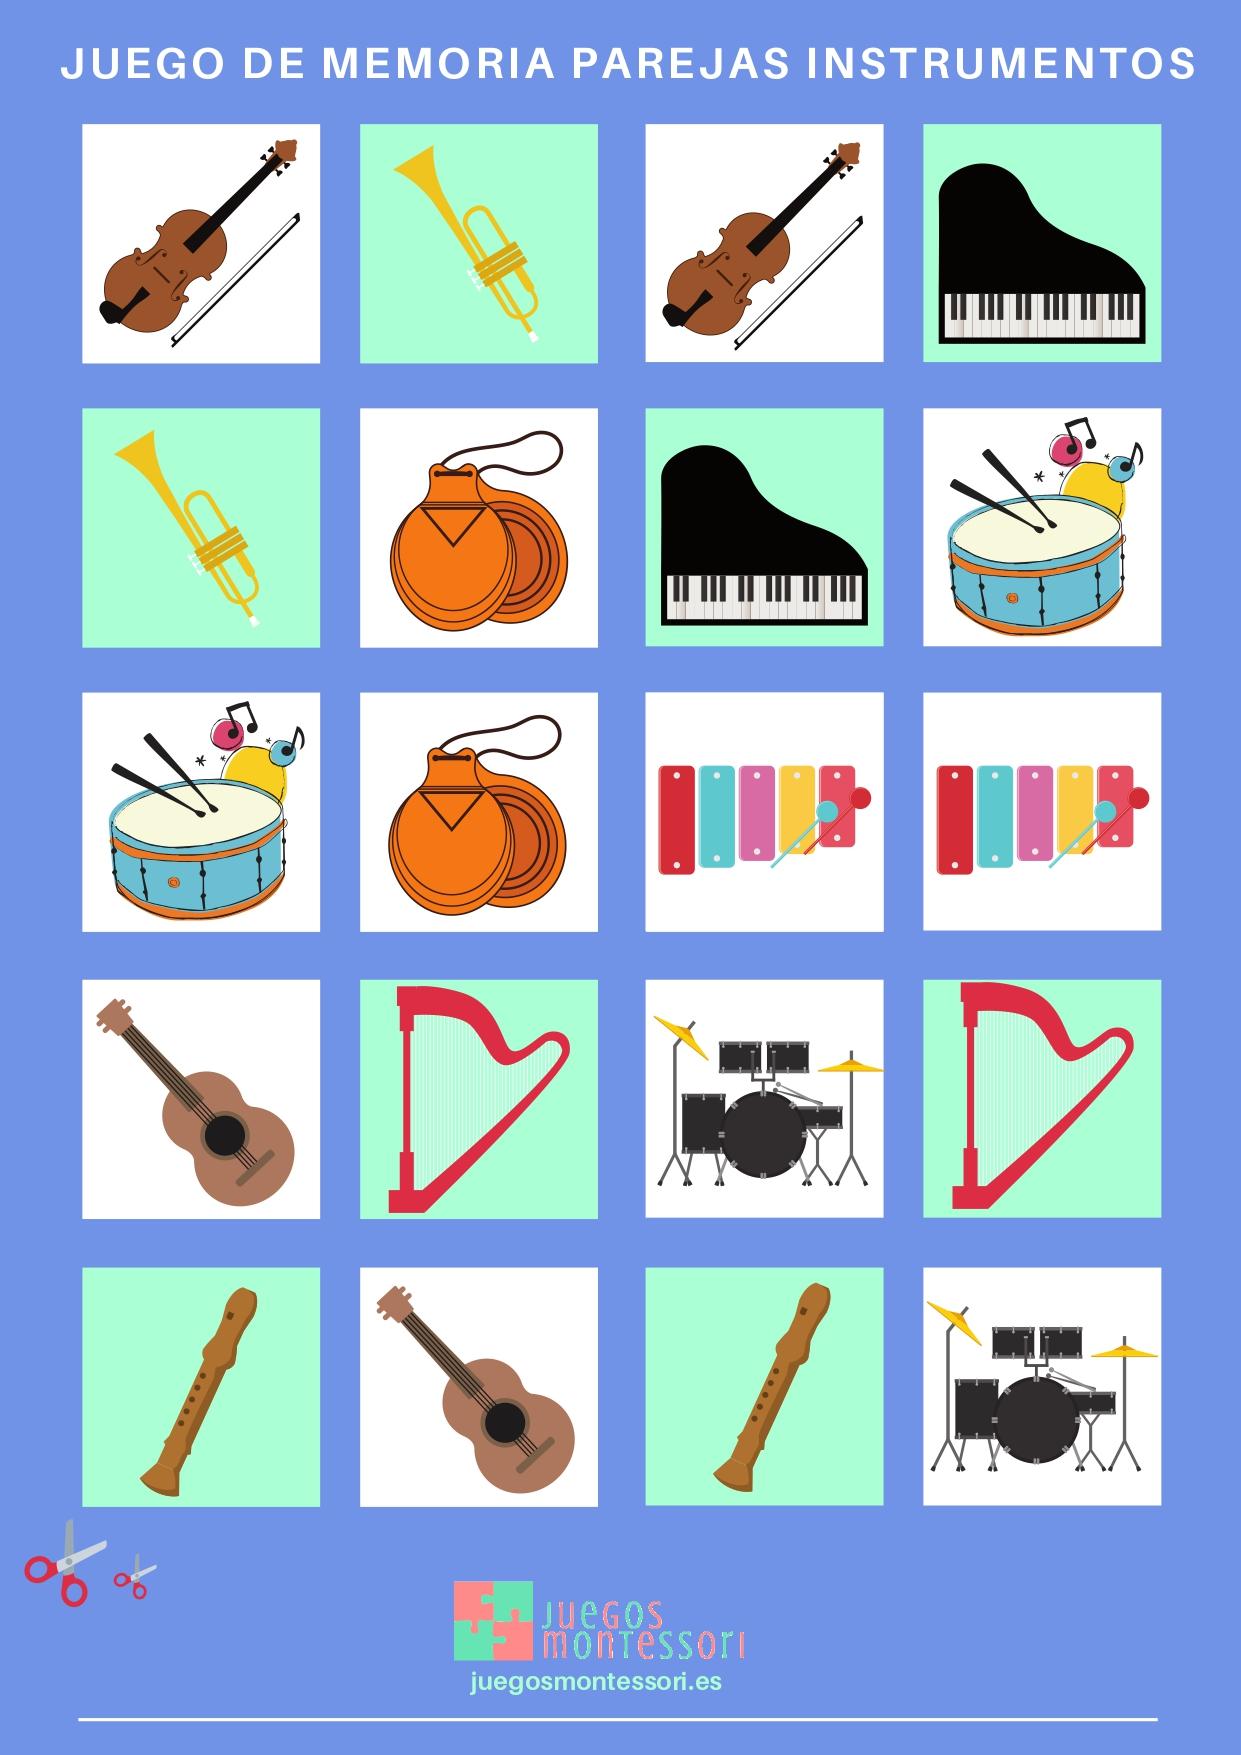 juego de memoria parejas instrumentos